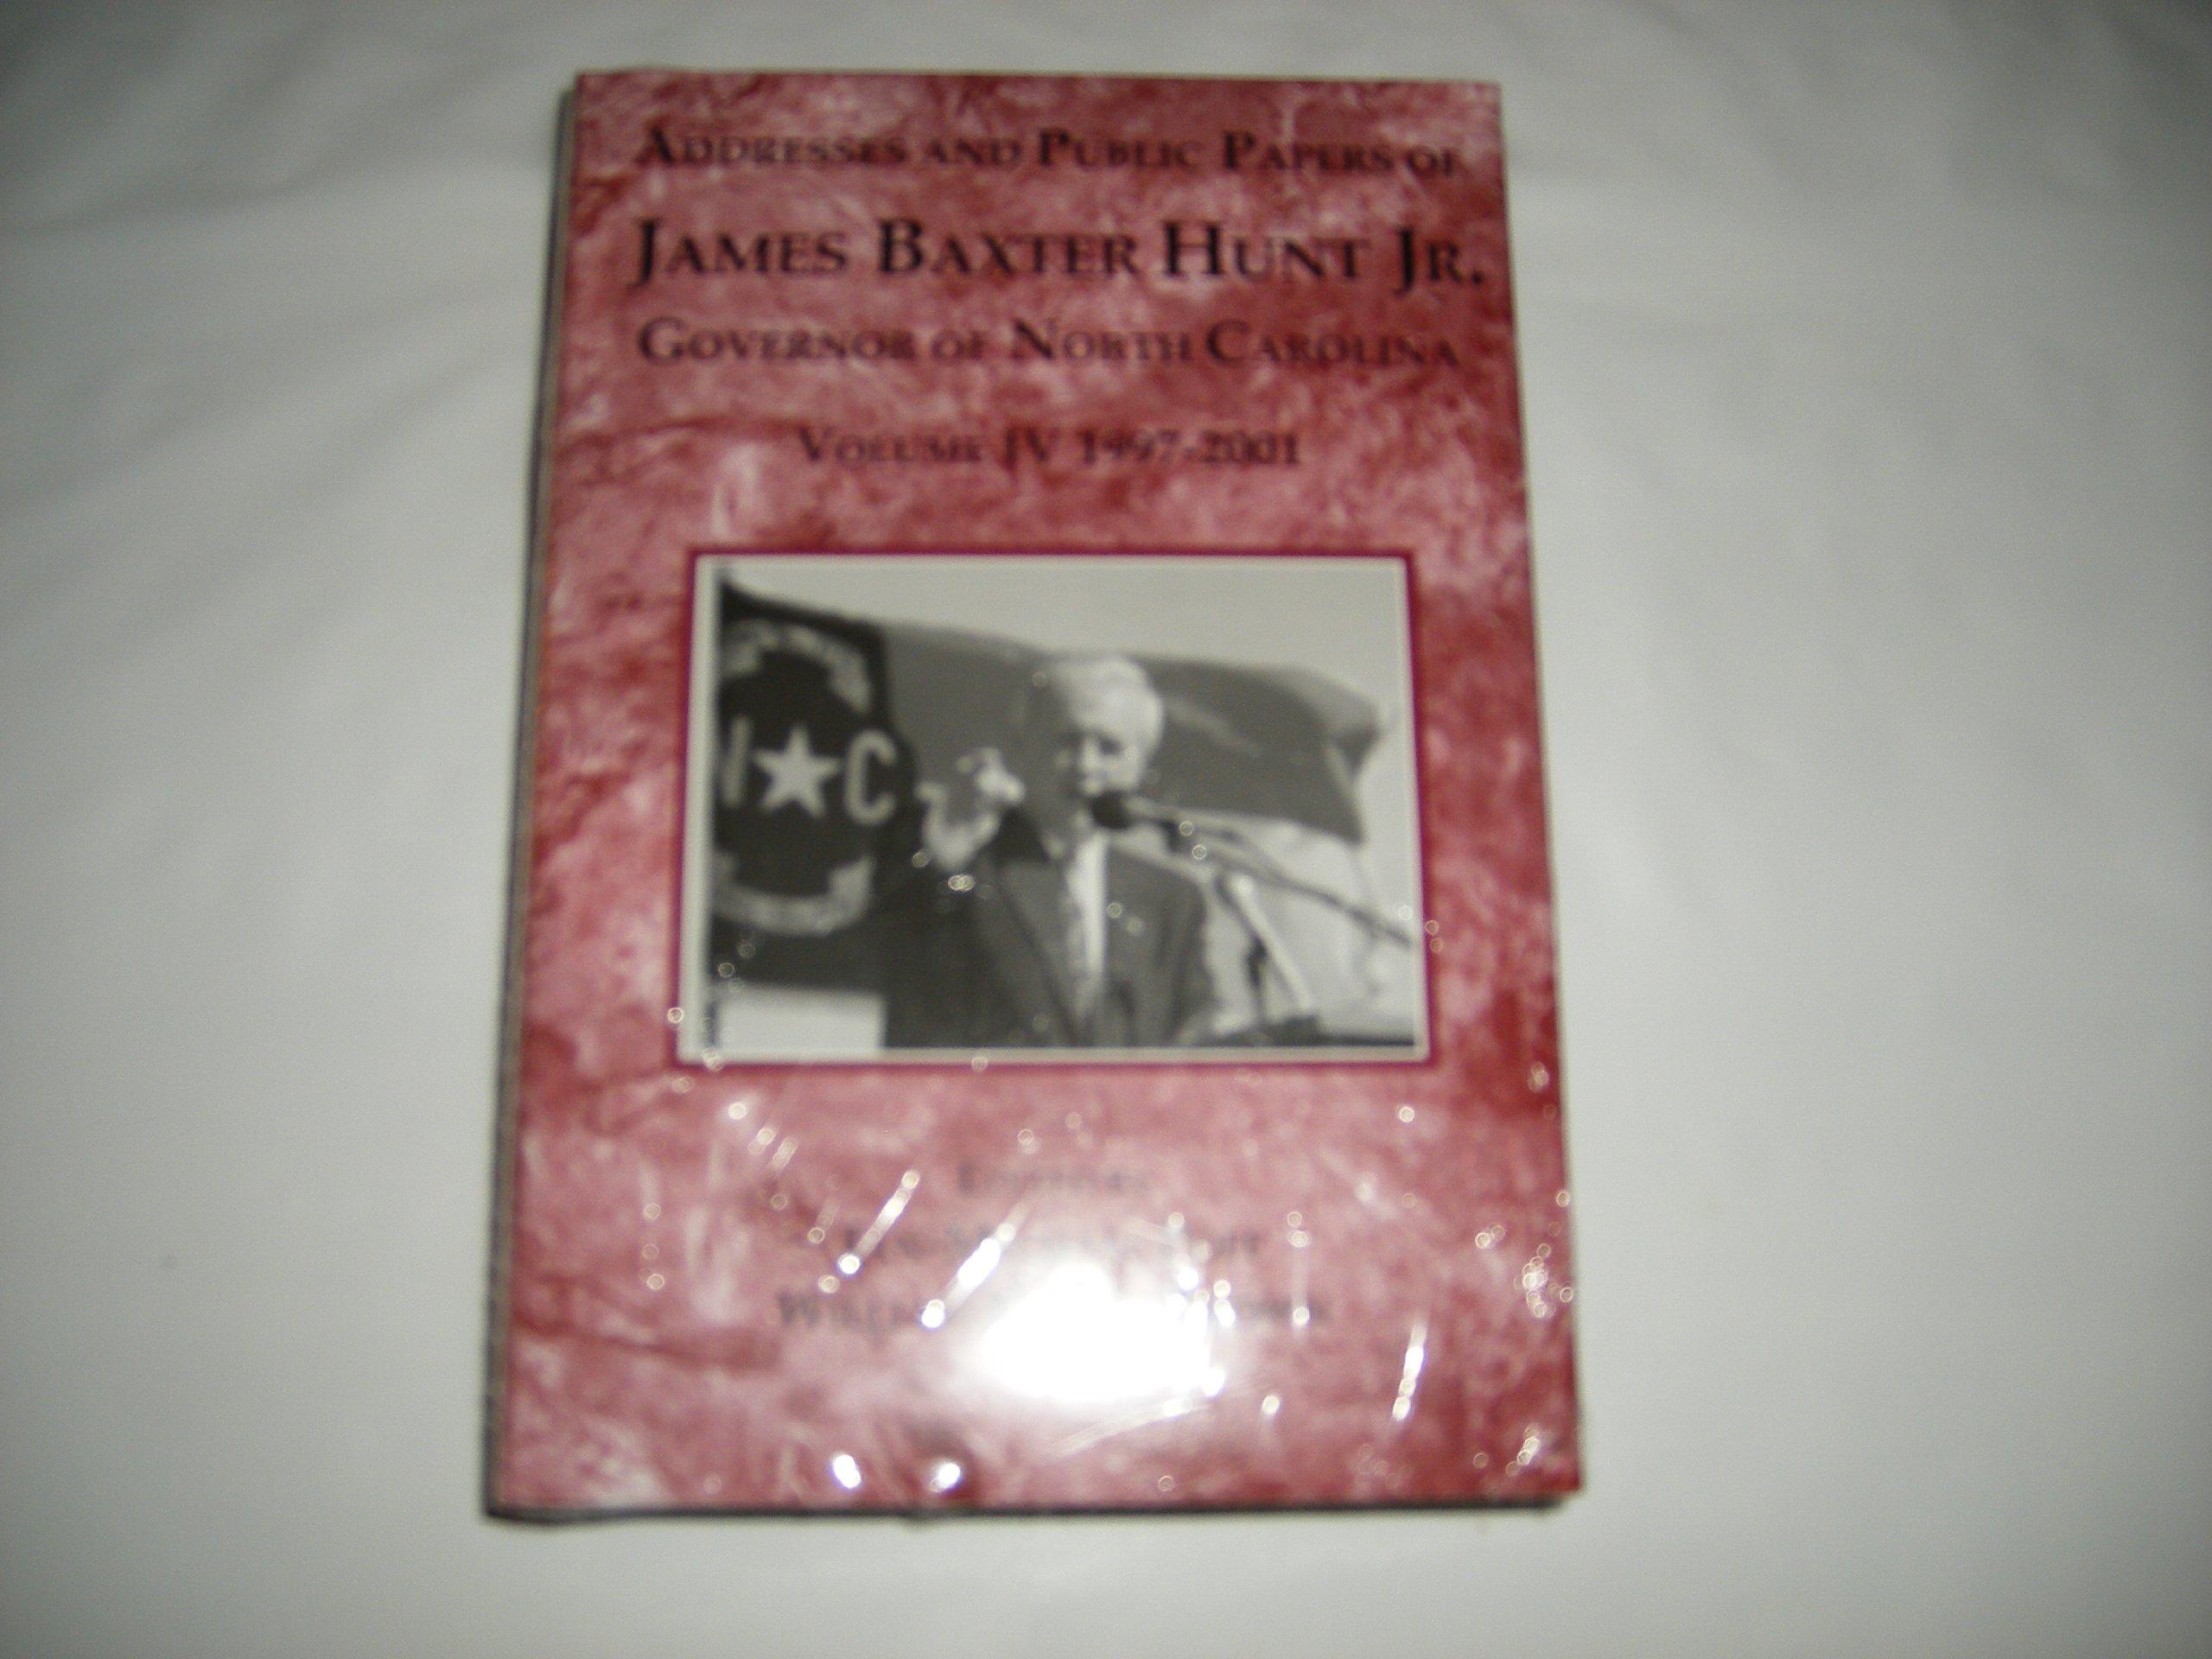 Addresses and Public Papers of James Baxter Hunt Jr. Governor of North Carolina Volume IV 1997-2001 PDF